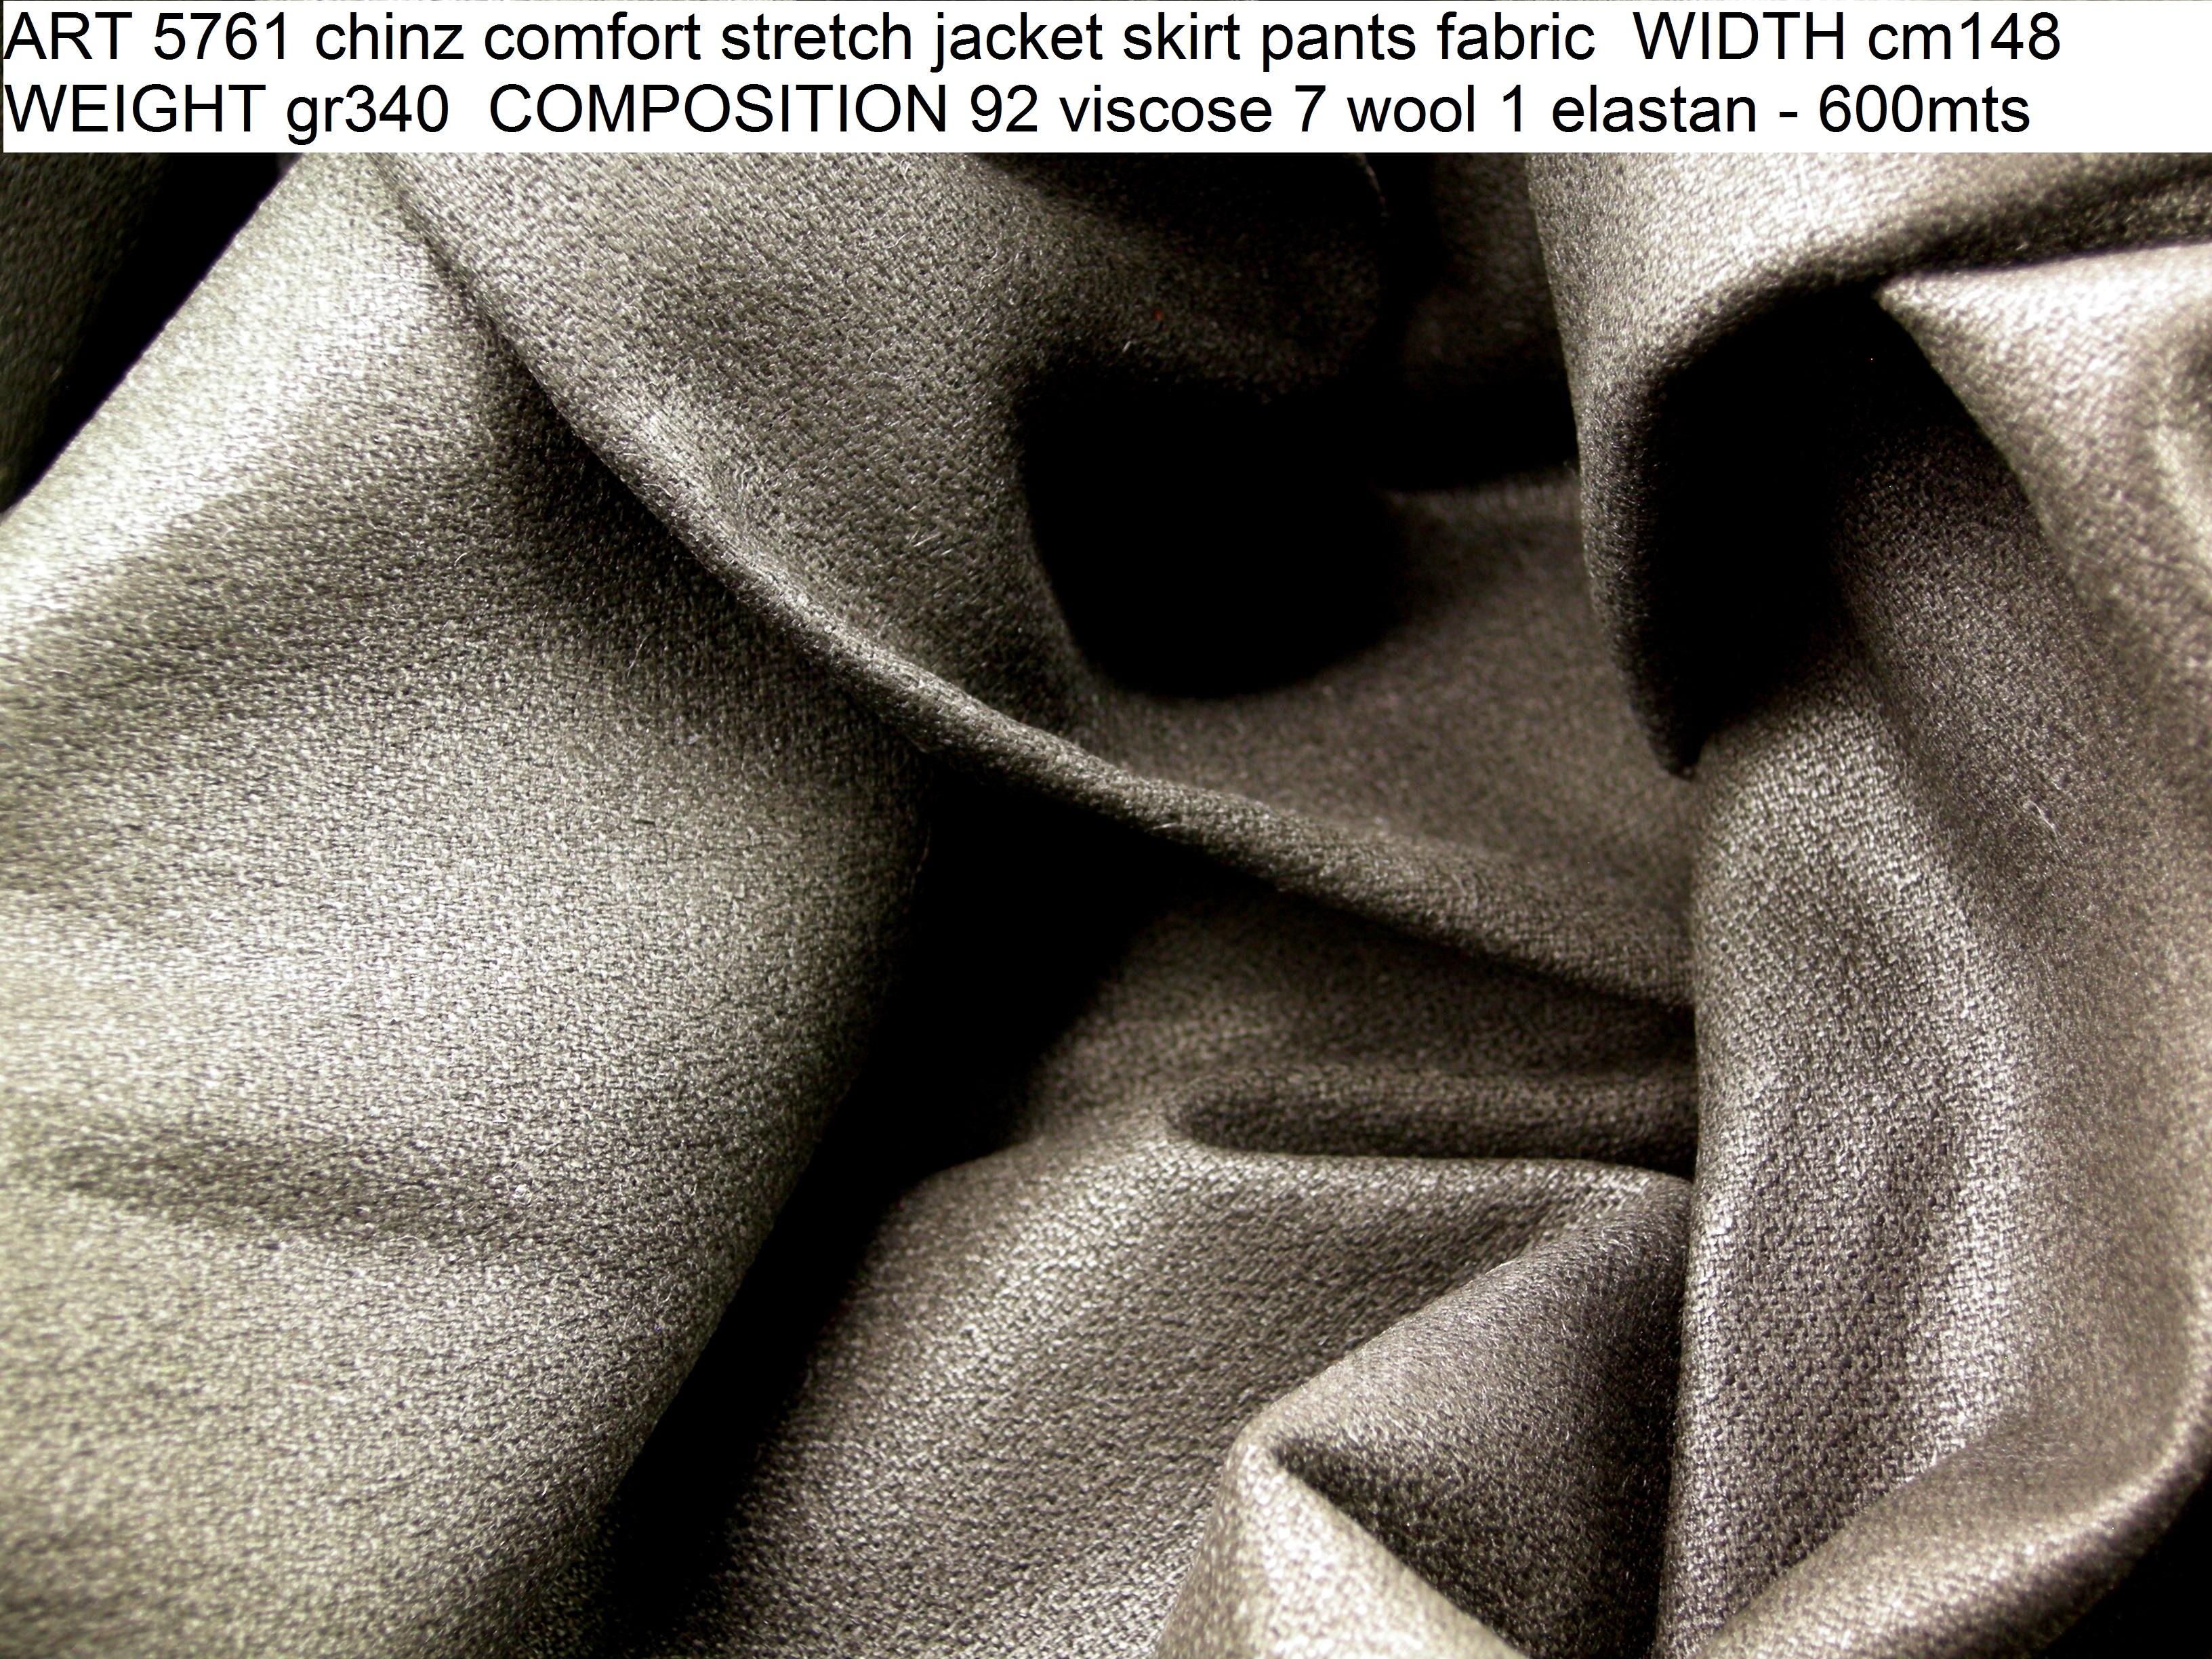 ART 5761 chinz comfort stretch jacket skirt pants fabric WIDTH cm148 WEIGHT gr340 COMPOSITION 92 viscose 7 wool 1 elastan - 600mts